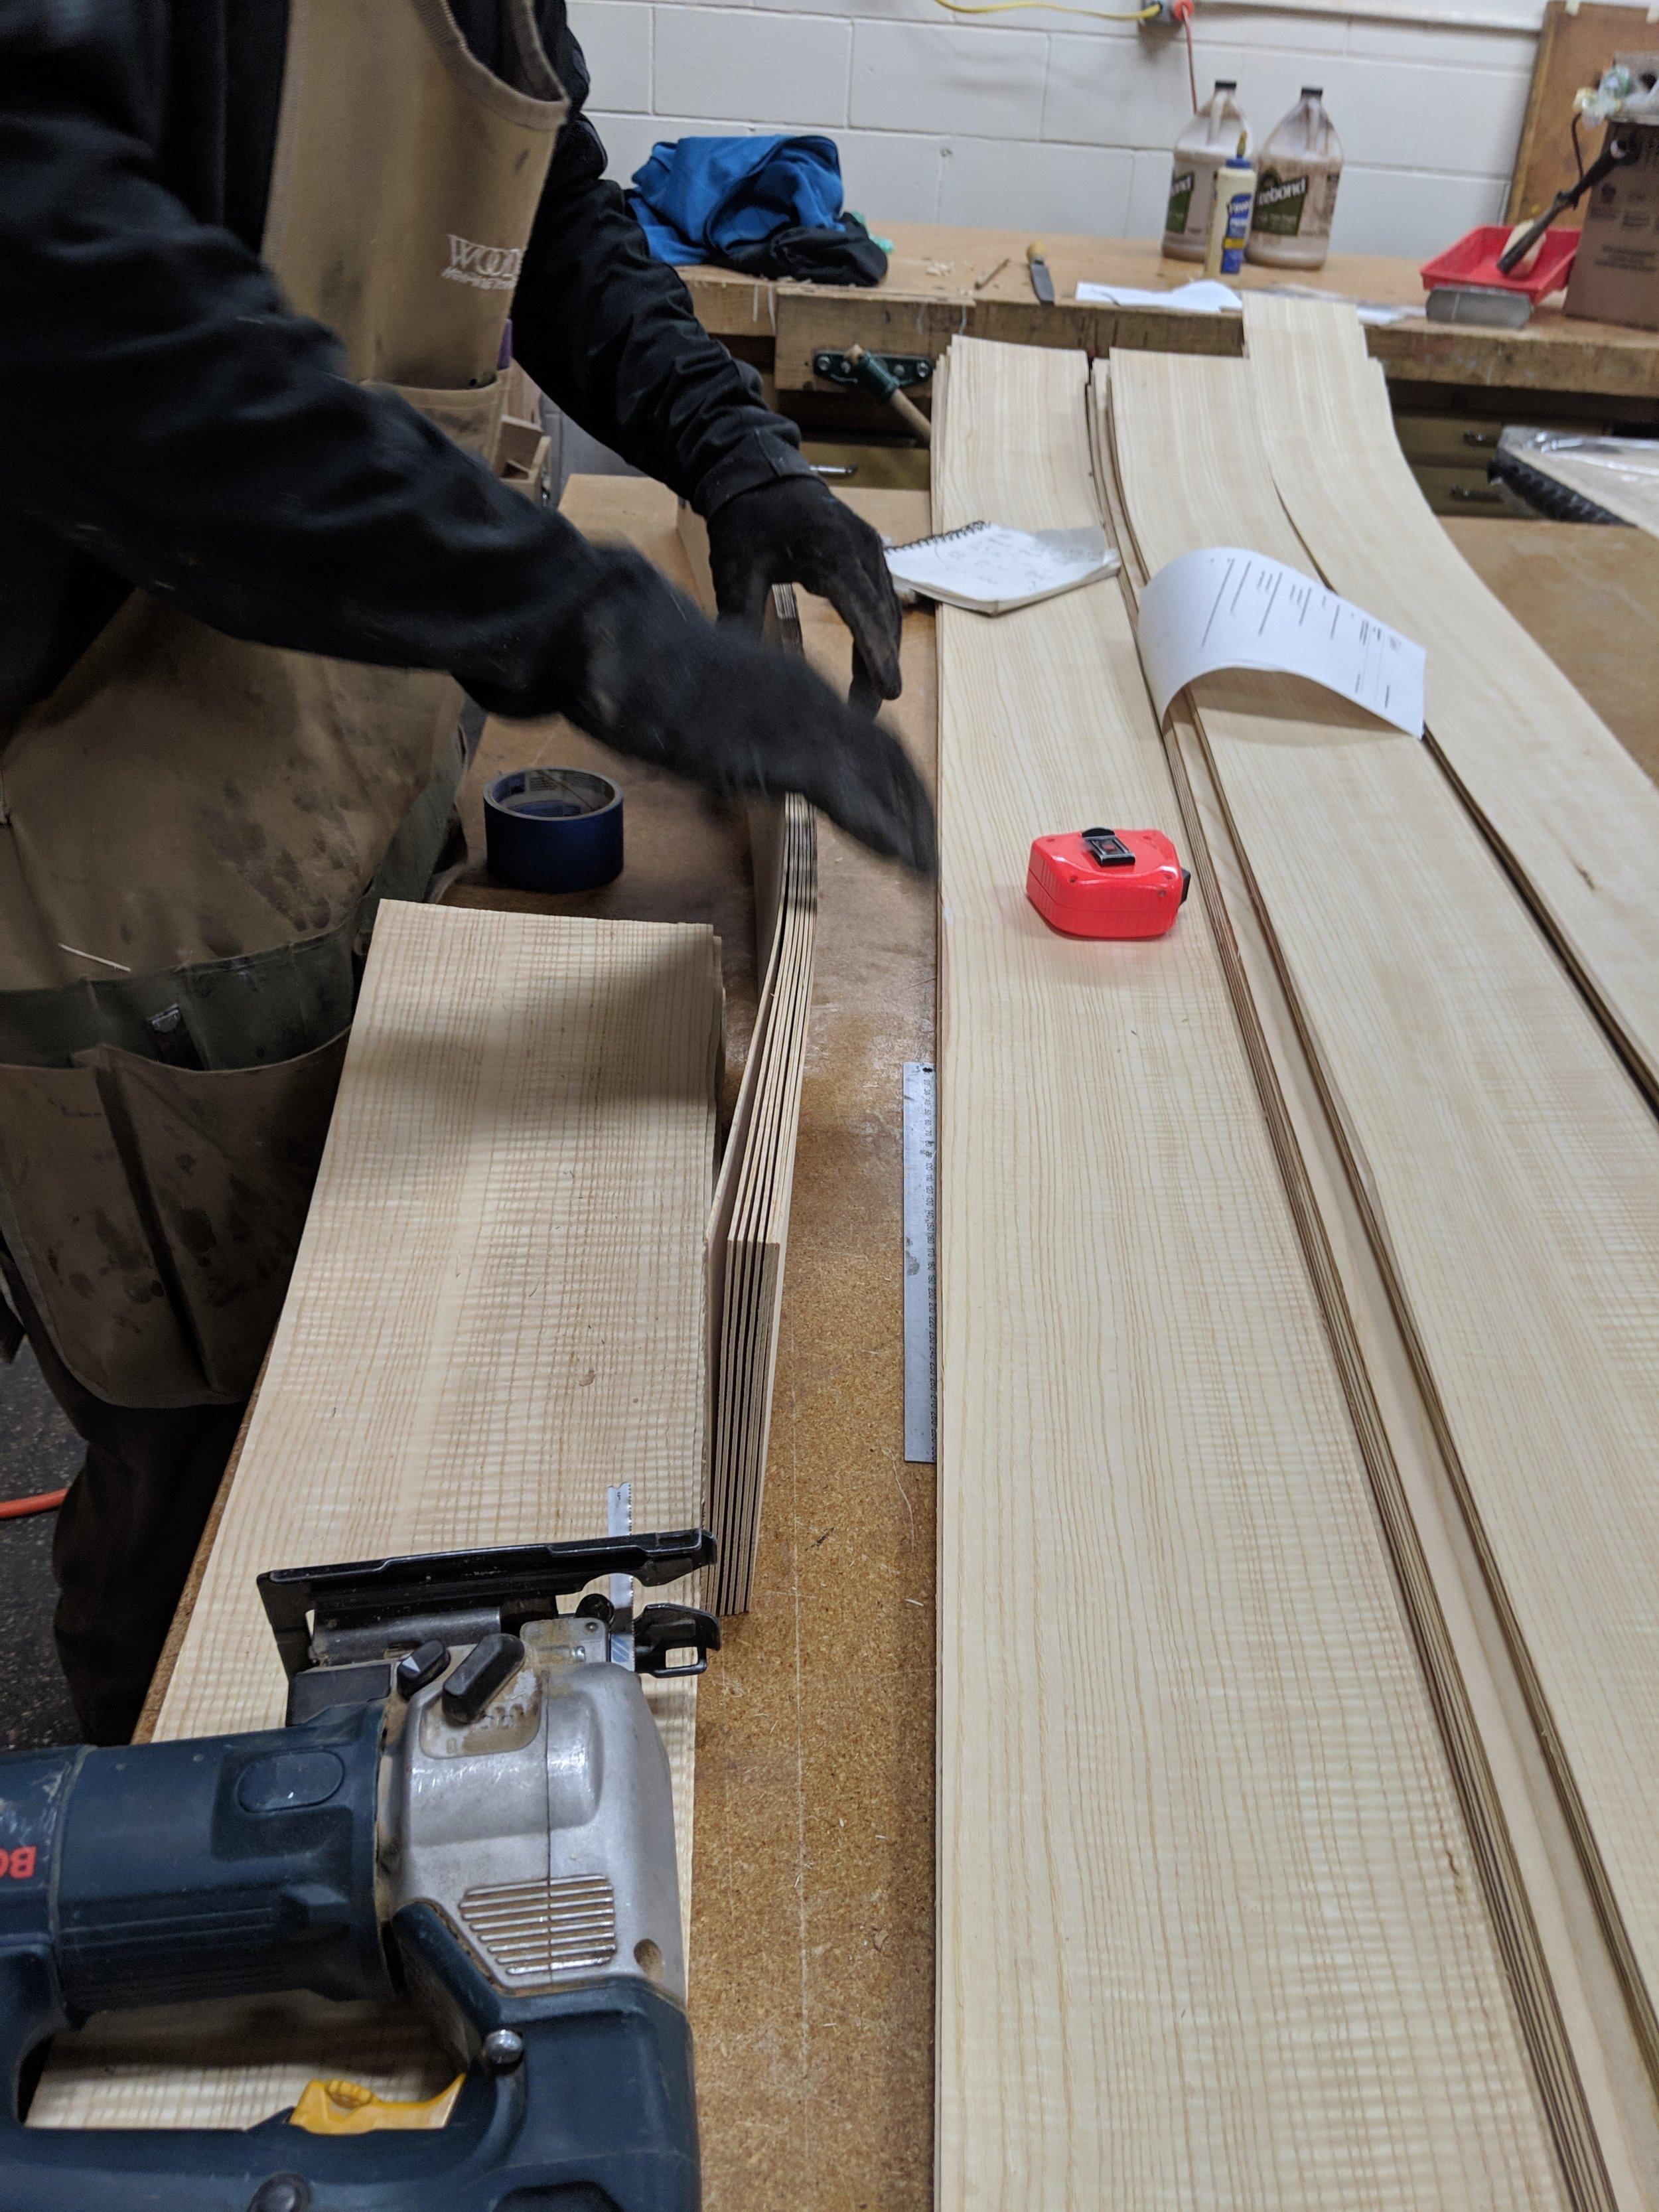 Taping the veneer into bundles